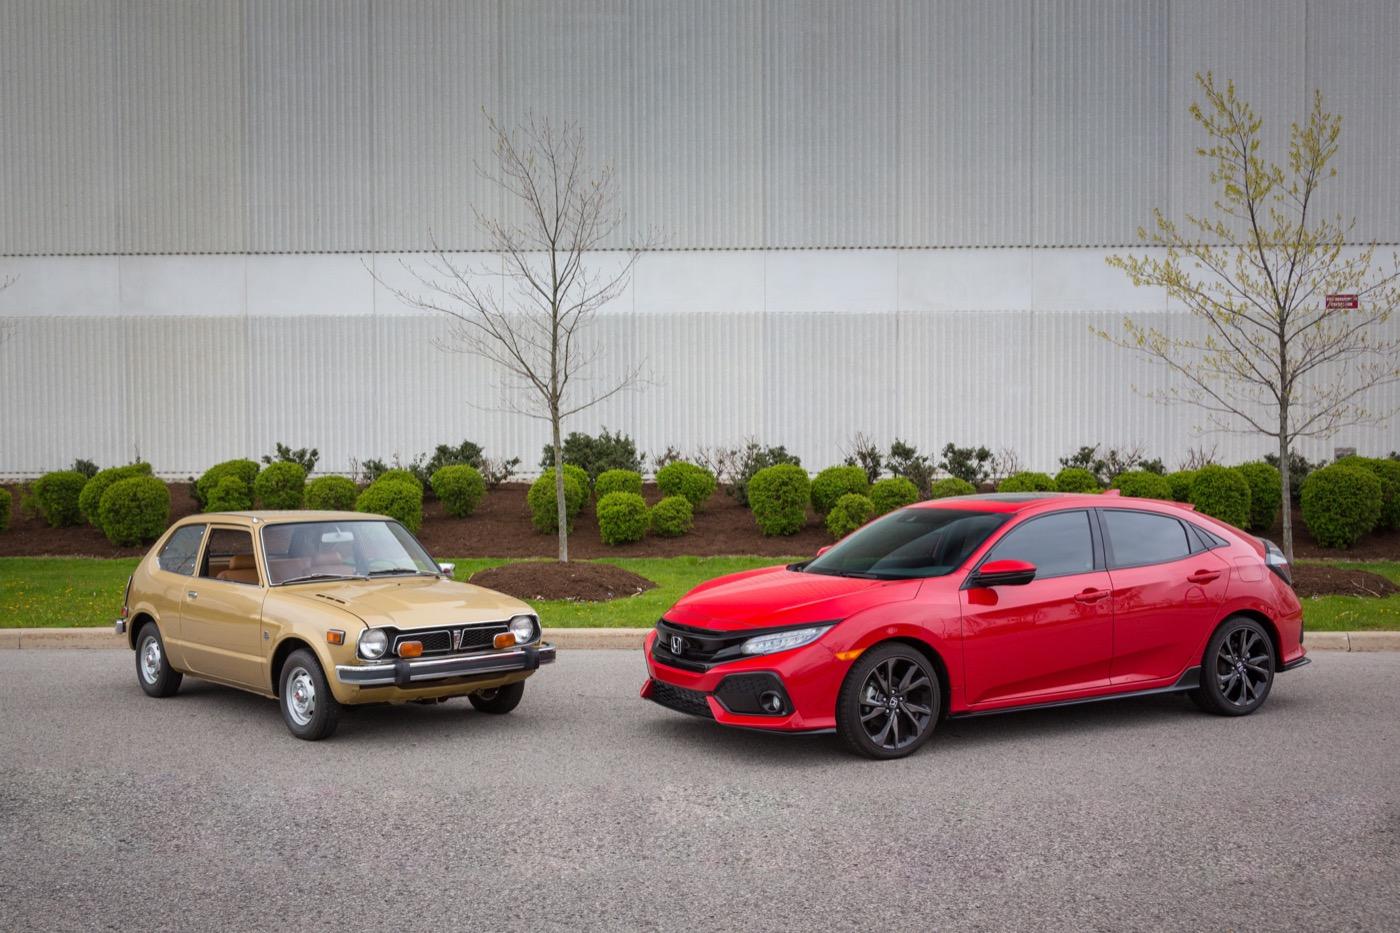 Канадские продажи автомобилей более многочисленны, чем когда-либо в мае 2017 года;